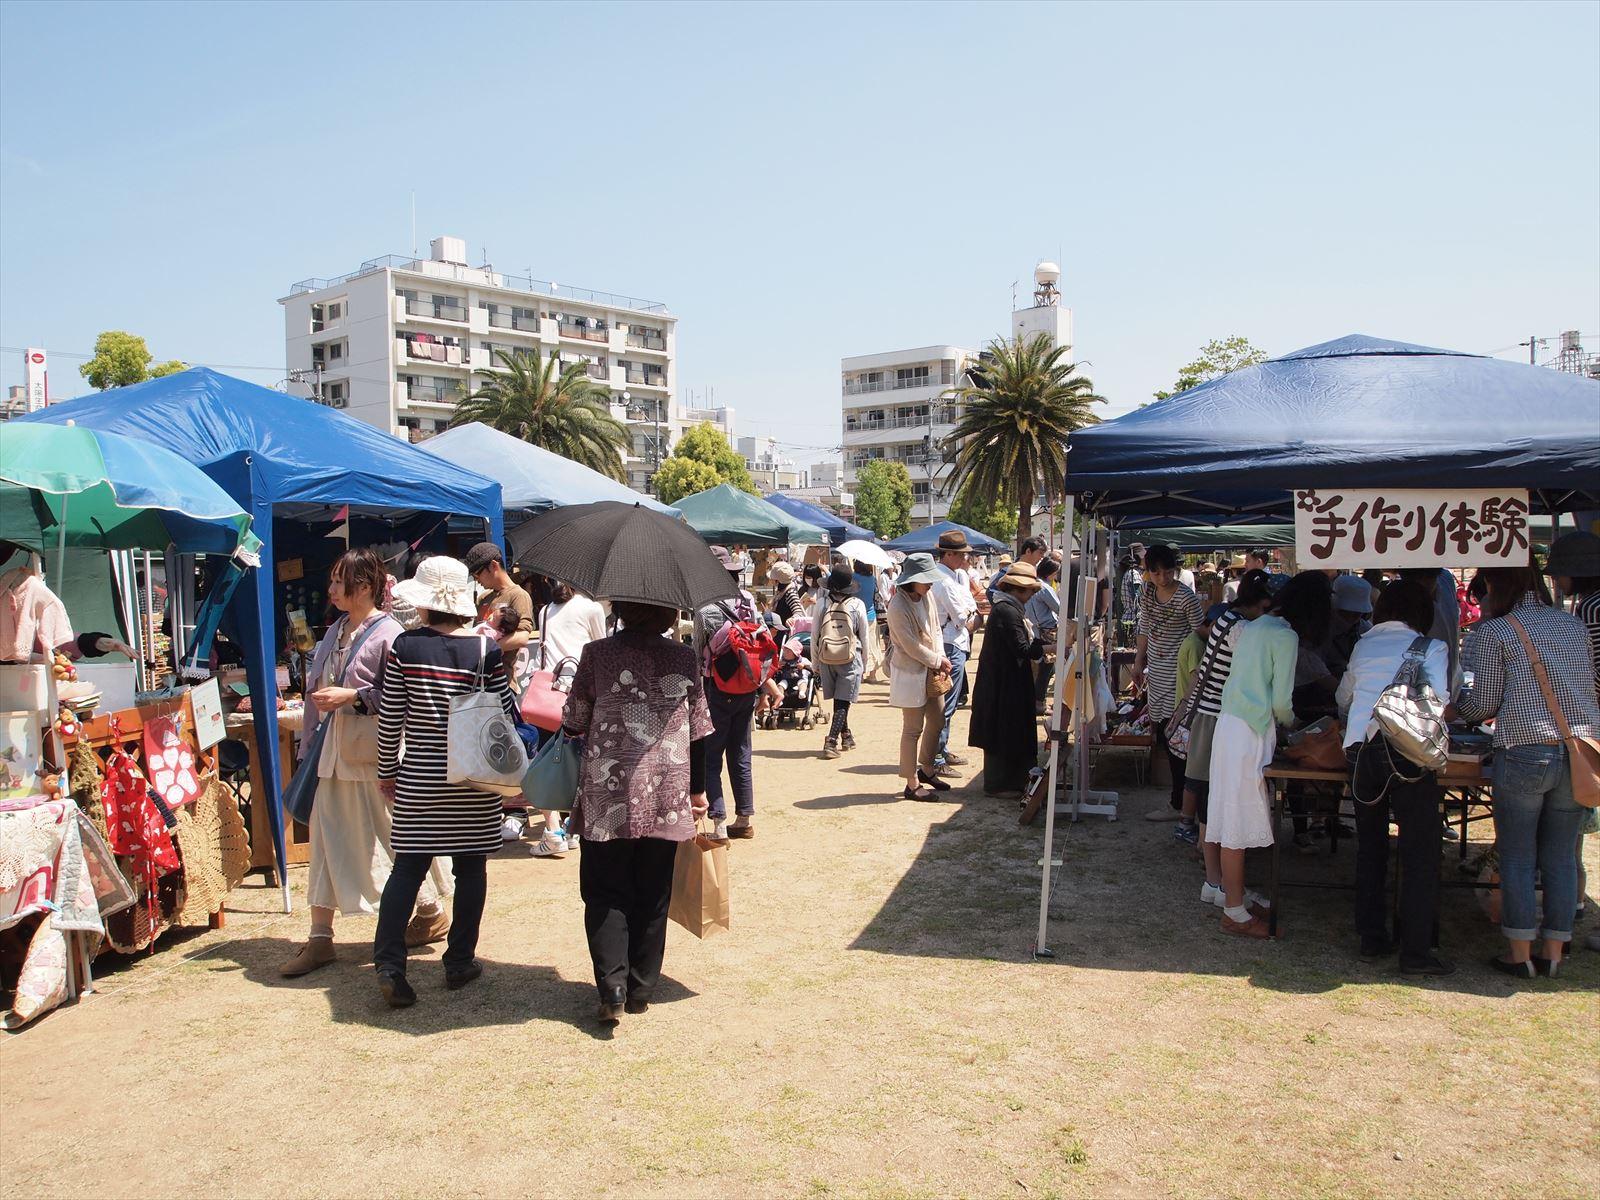 福山市で「第15回ふくやま手しごと市」が開催(2015年5月9日~10日)